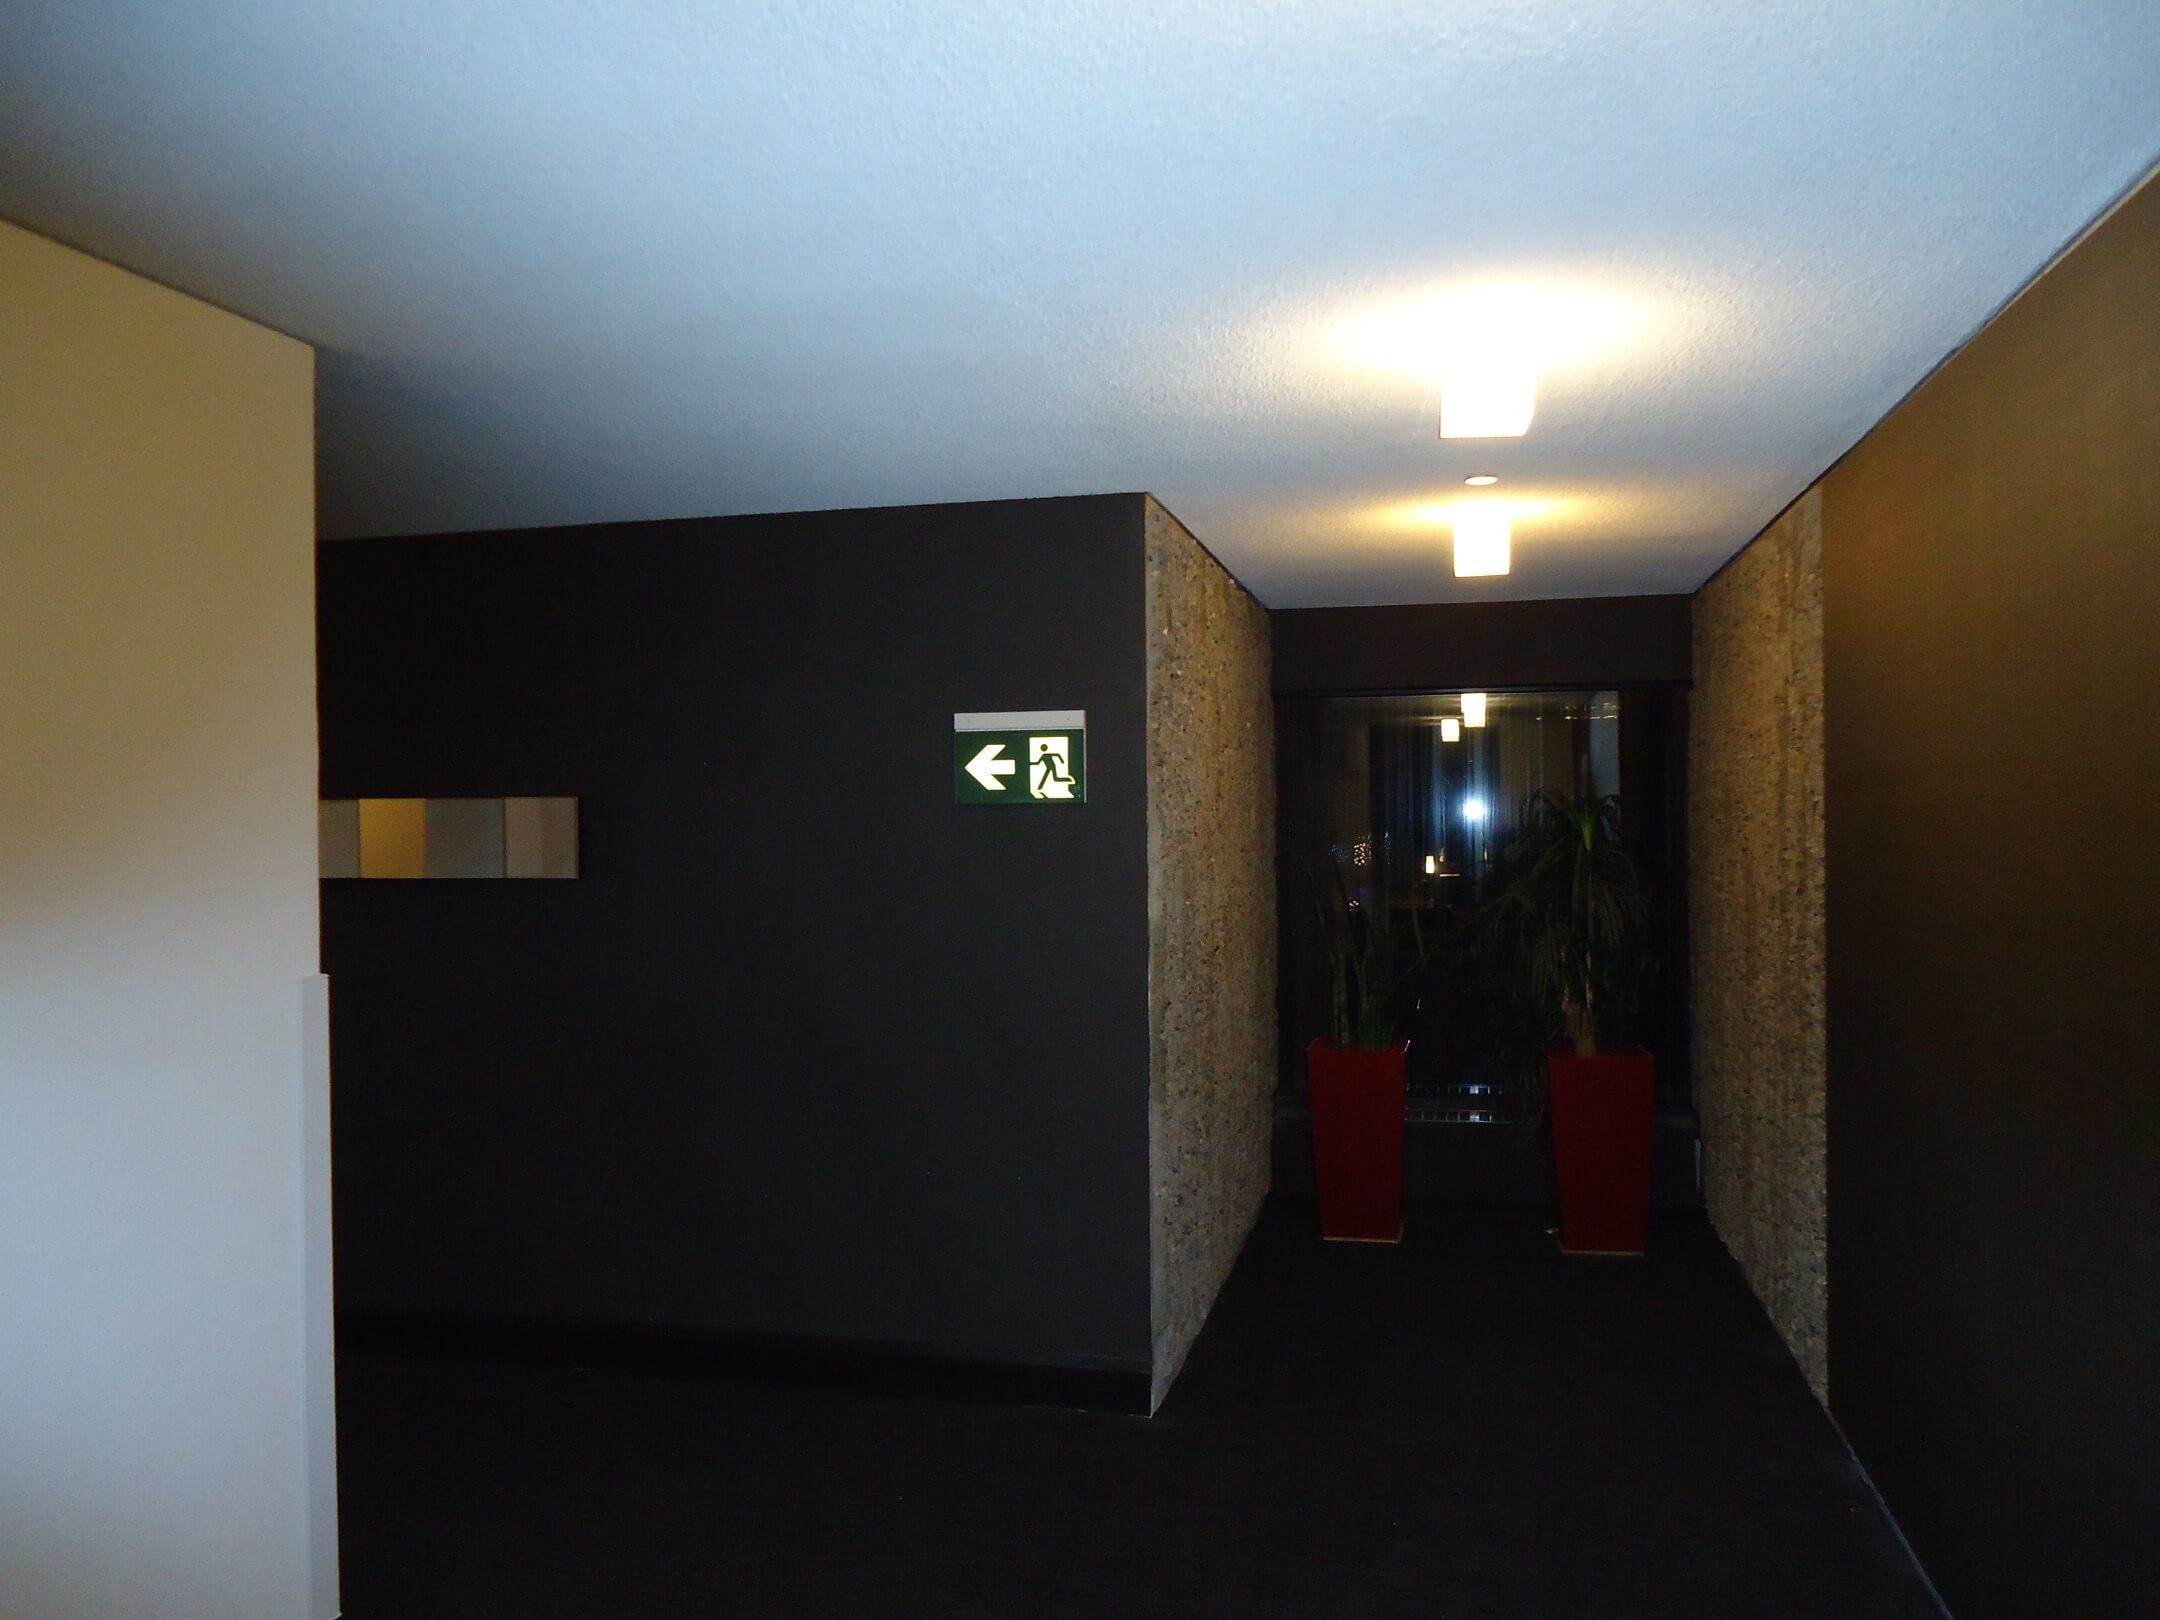 Bonaventure Hotel exit sign